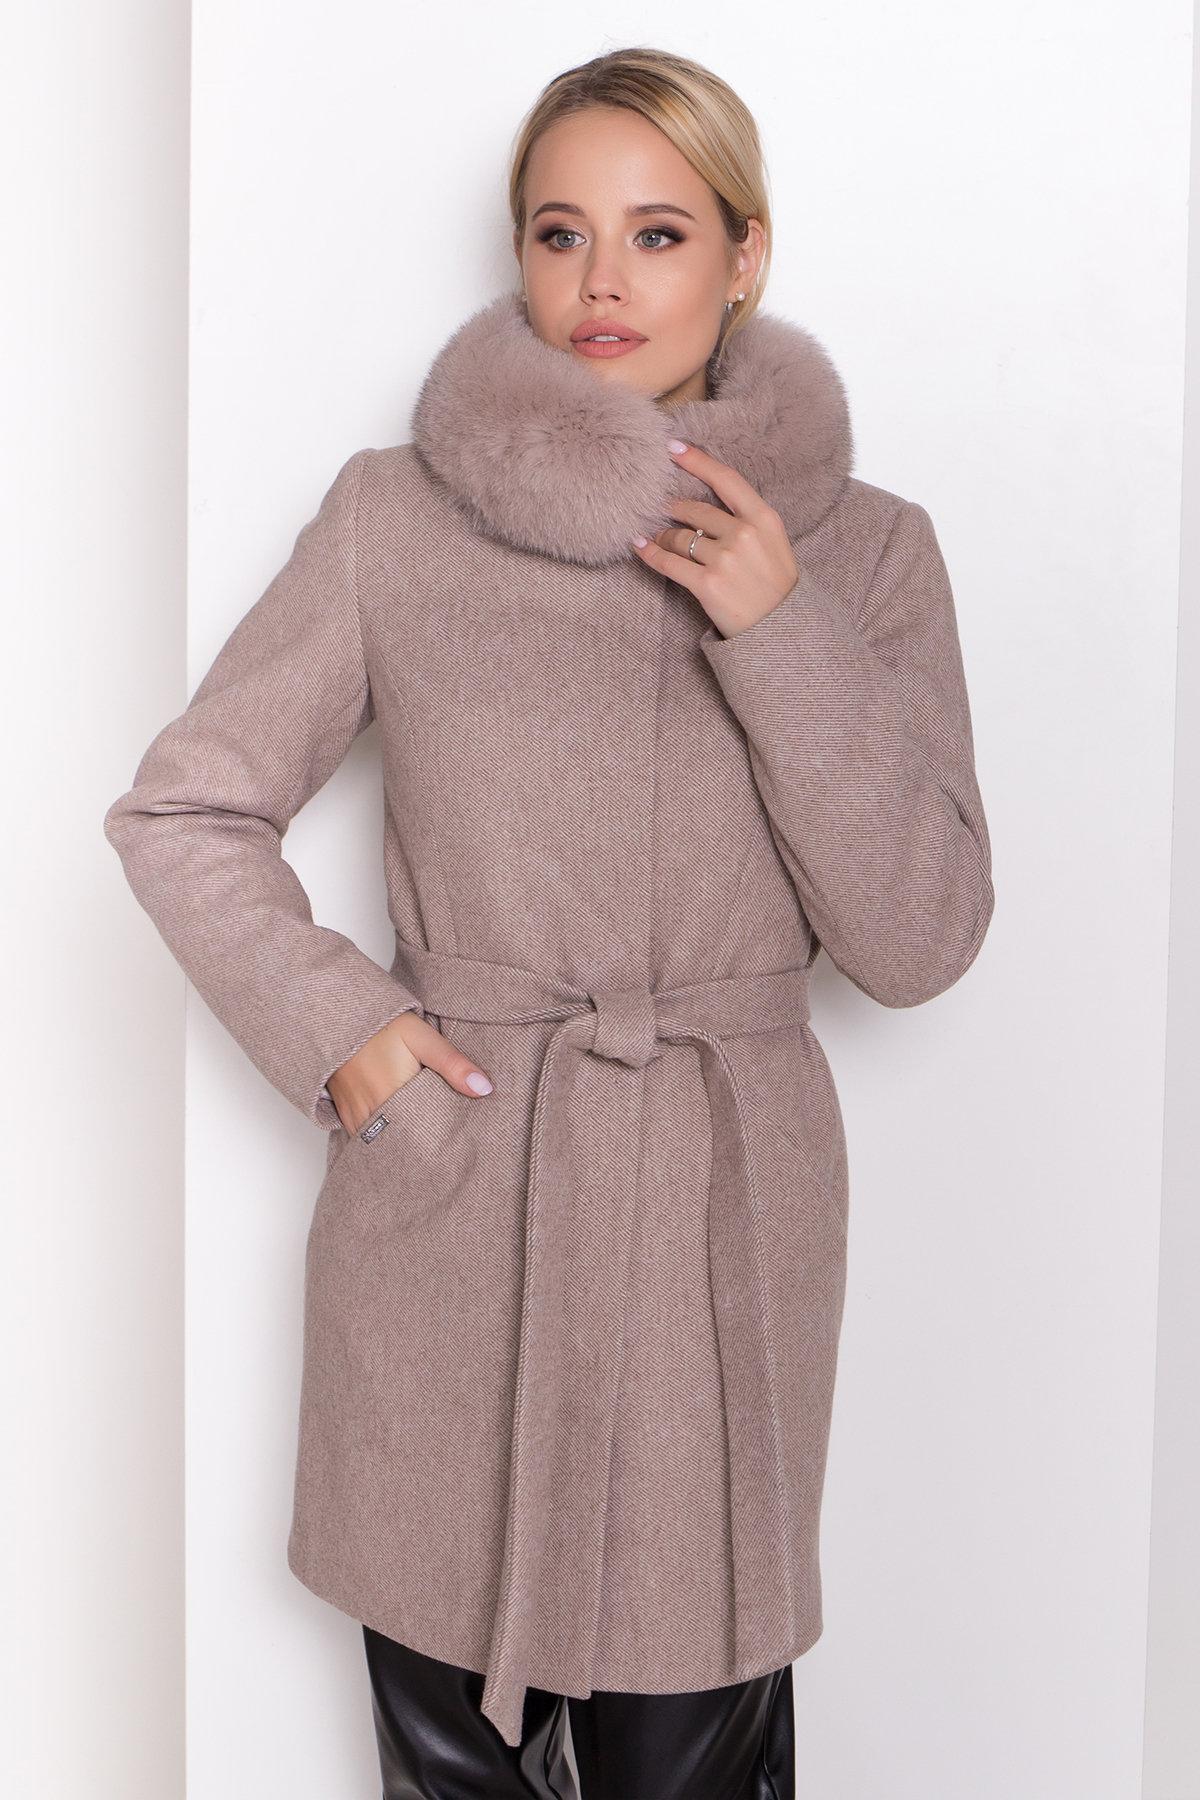 Зимнее пальто диагональ бежевое Сплит 8409 АРТ. 44638 Цвет: Бежевый меланж - фото 5, интернет магазин tm-modus.ru